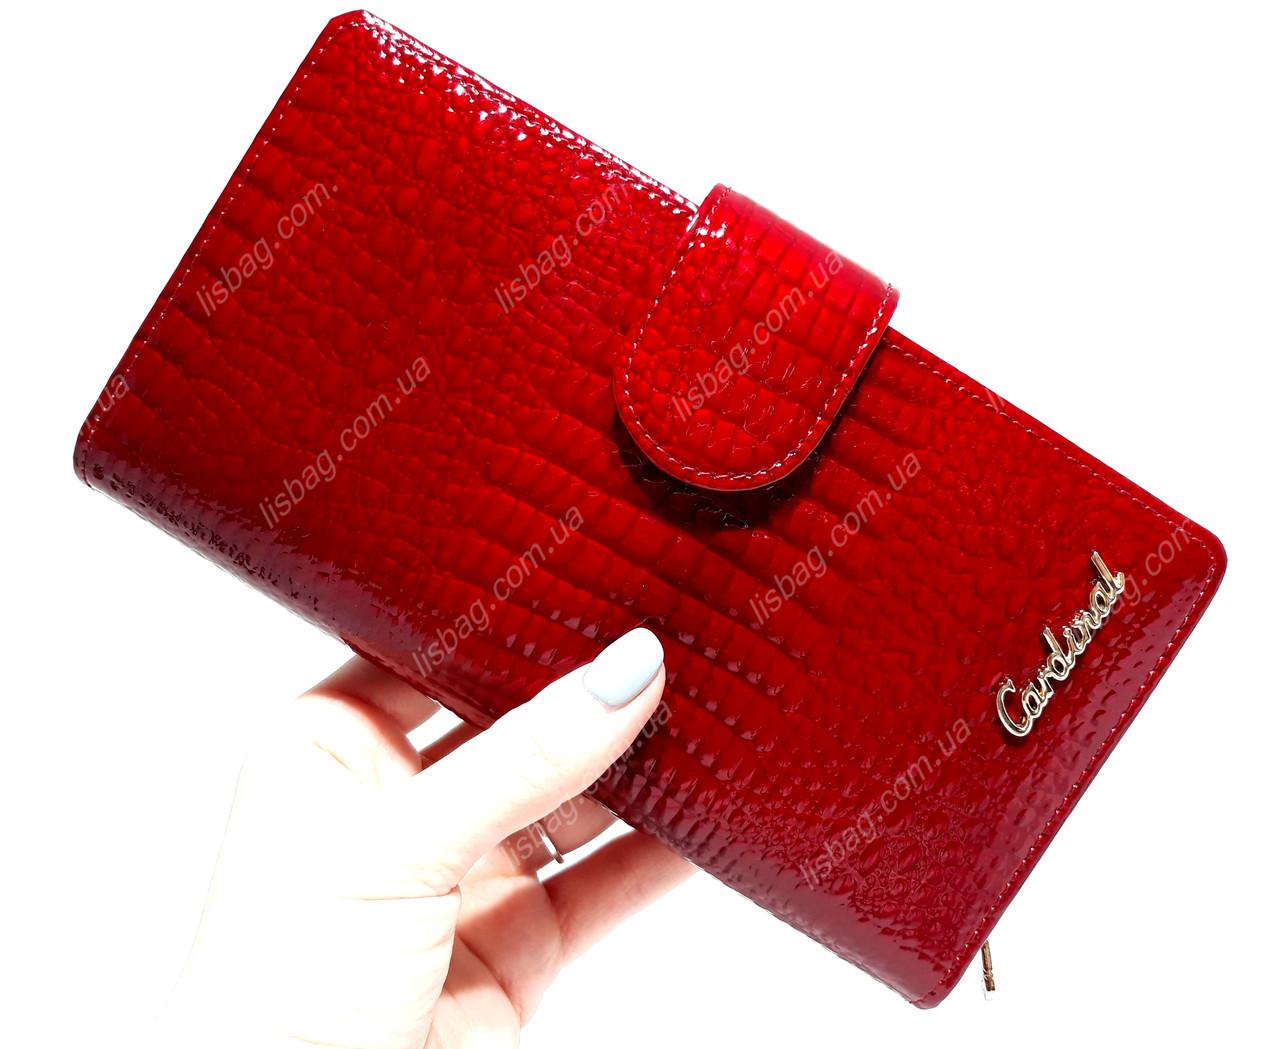 2ad7ccfa2f69 Женский большой, классический кожаный кошелек Cardinal , Красный : продажа,  цена в ...